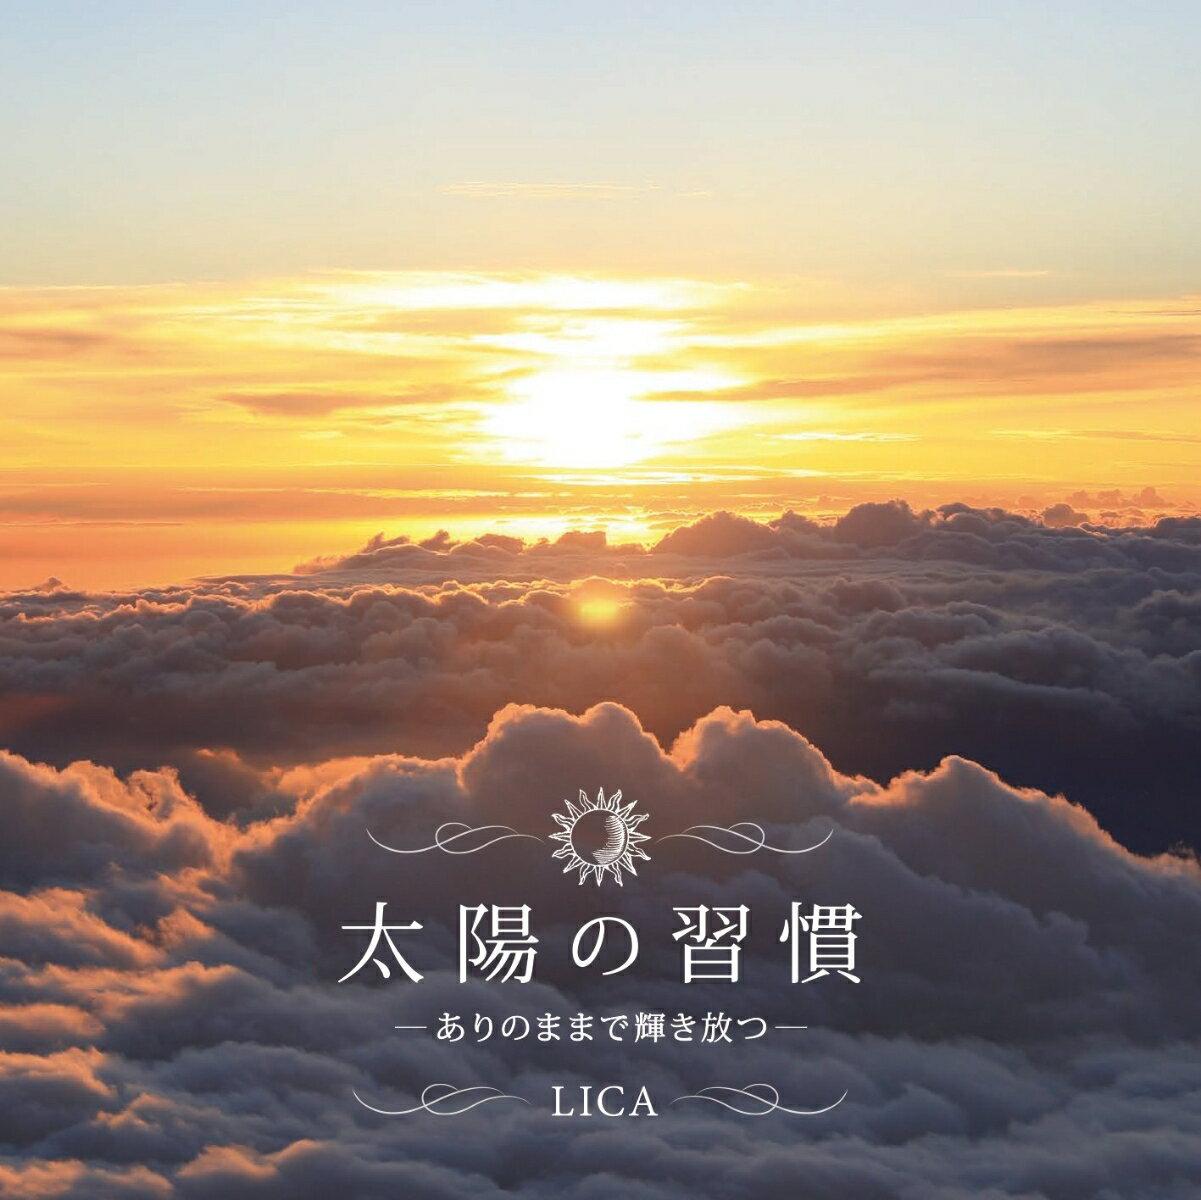 太陽の習慣ーありのままで輝き放つー [ FUMITO & LICA ]